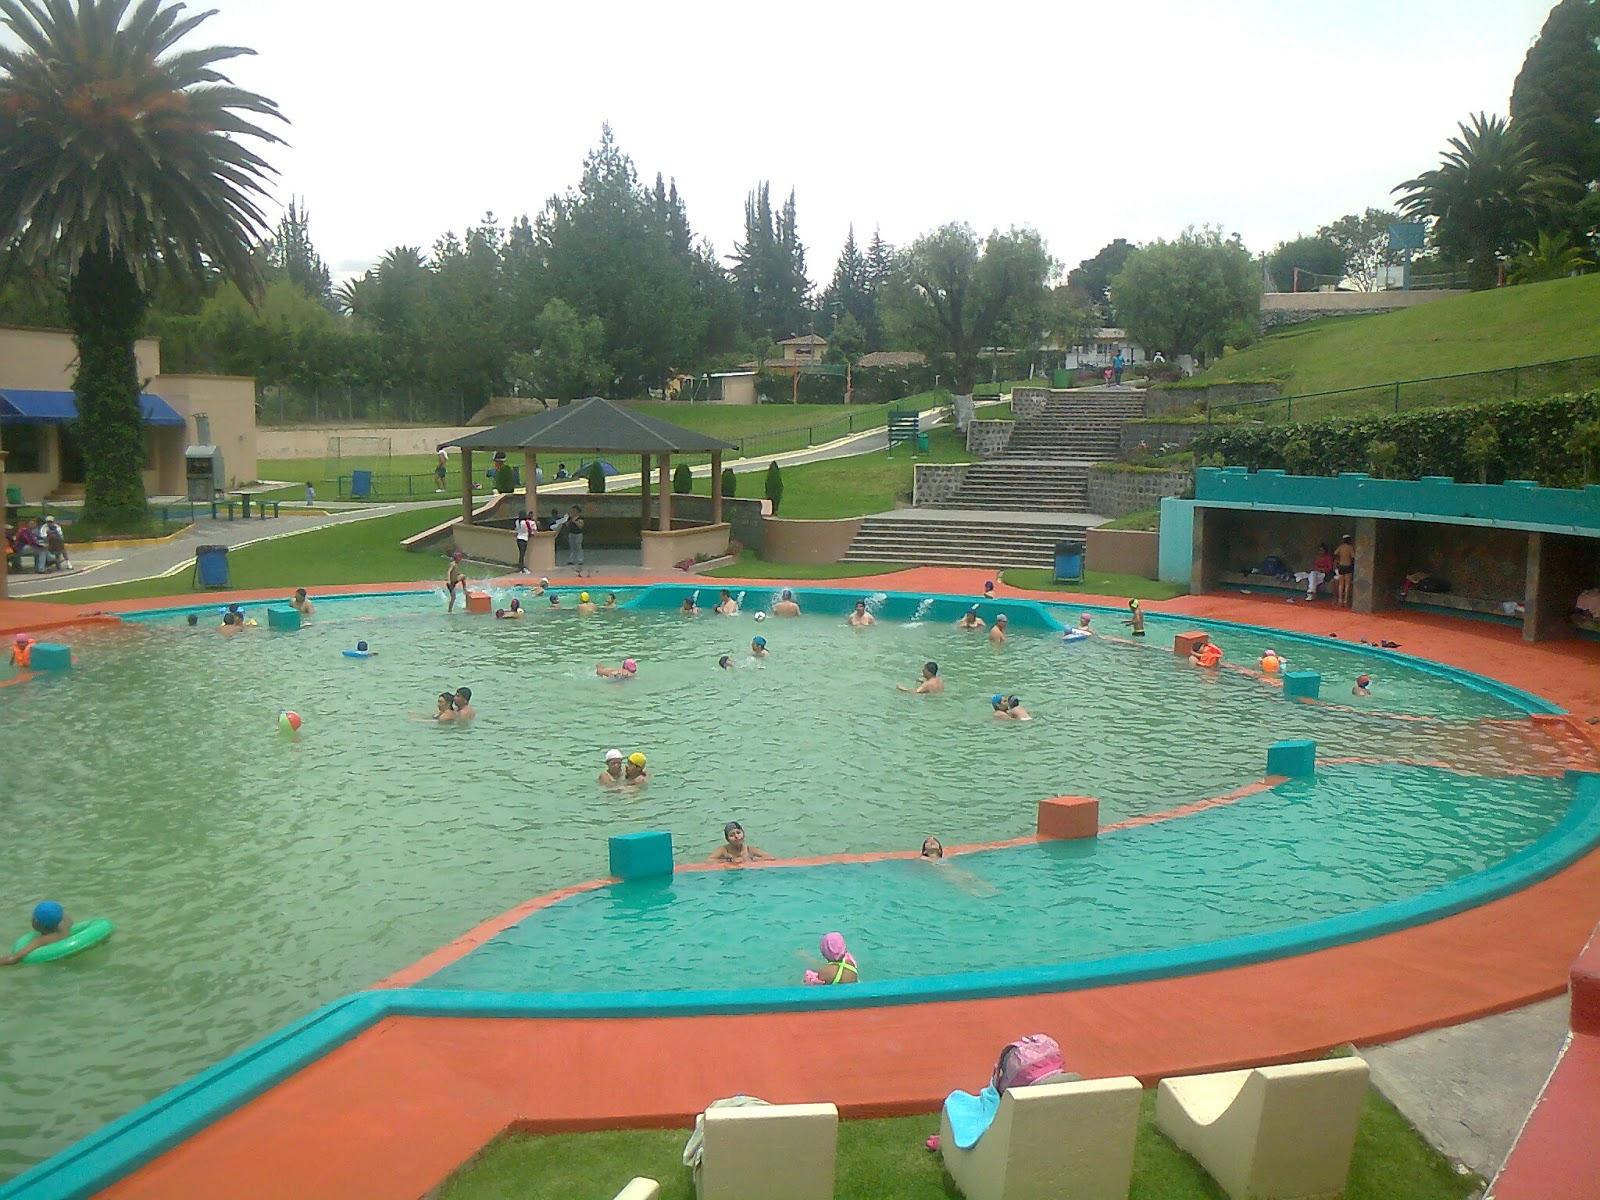 Cuanto vale una piscina pintar una piscina de lona de pvc for Cuanto vale una piscina